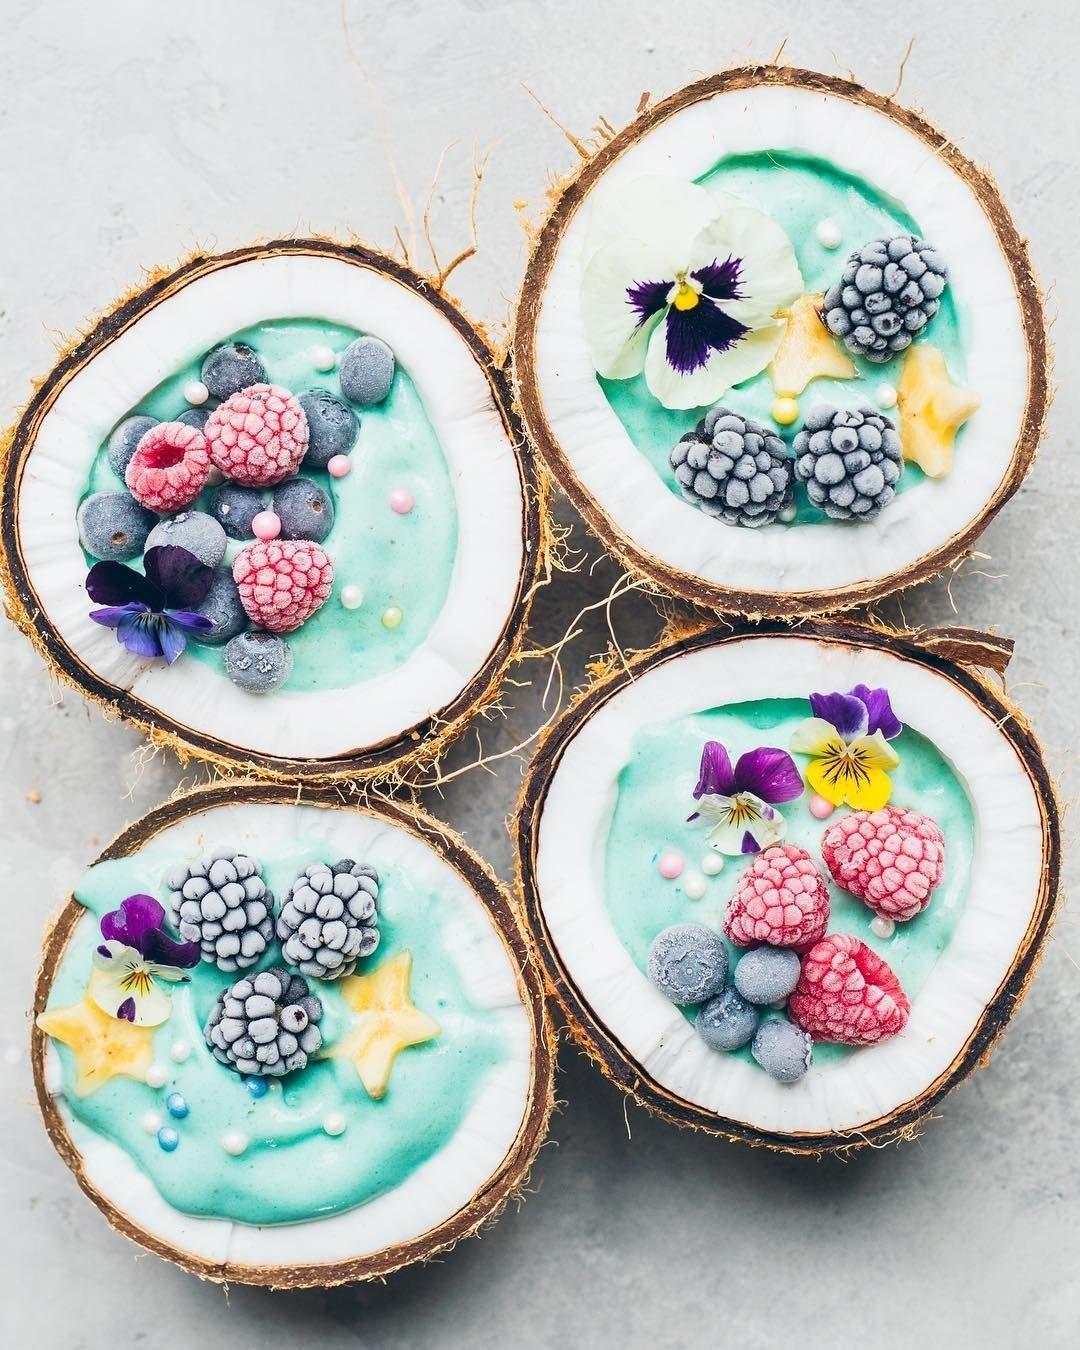 frozen coconut bowl flowers fruit